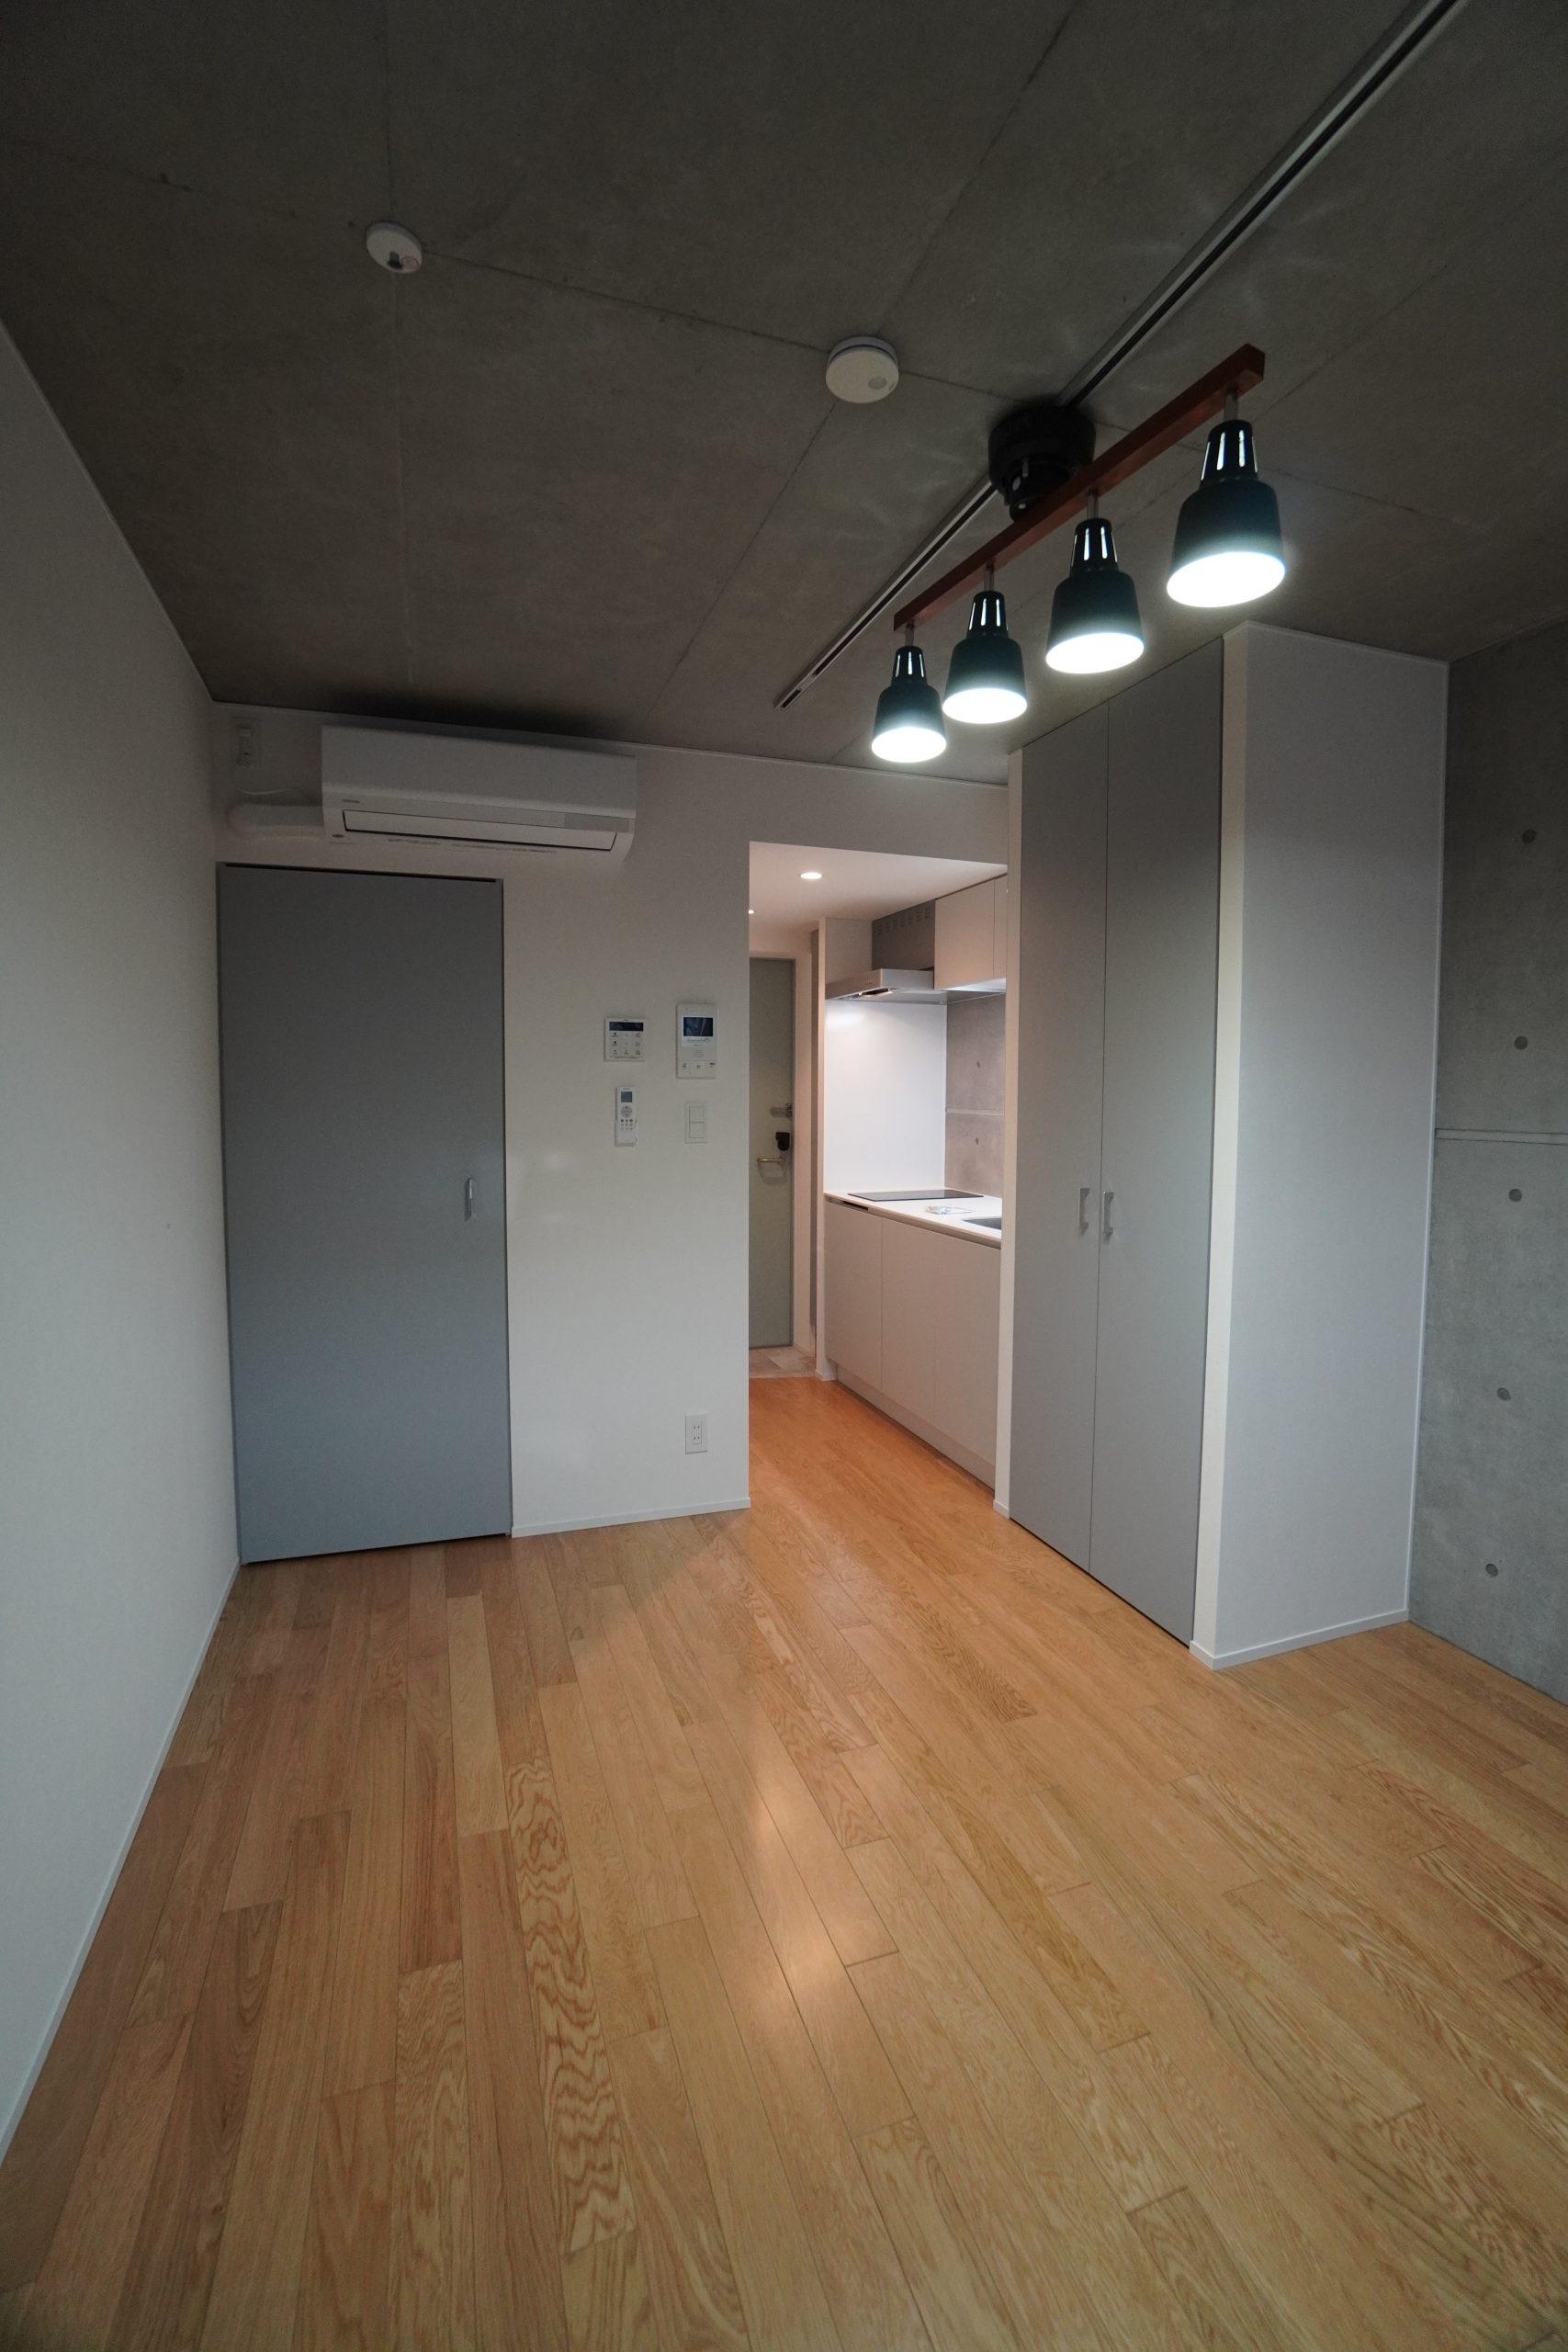 PASEO新宿三丁目I 301の写真4